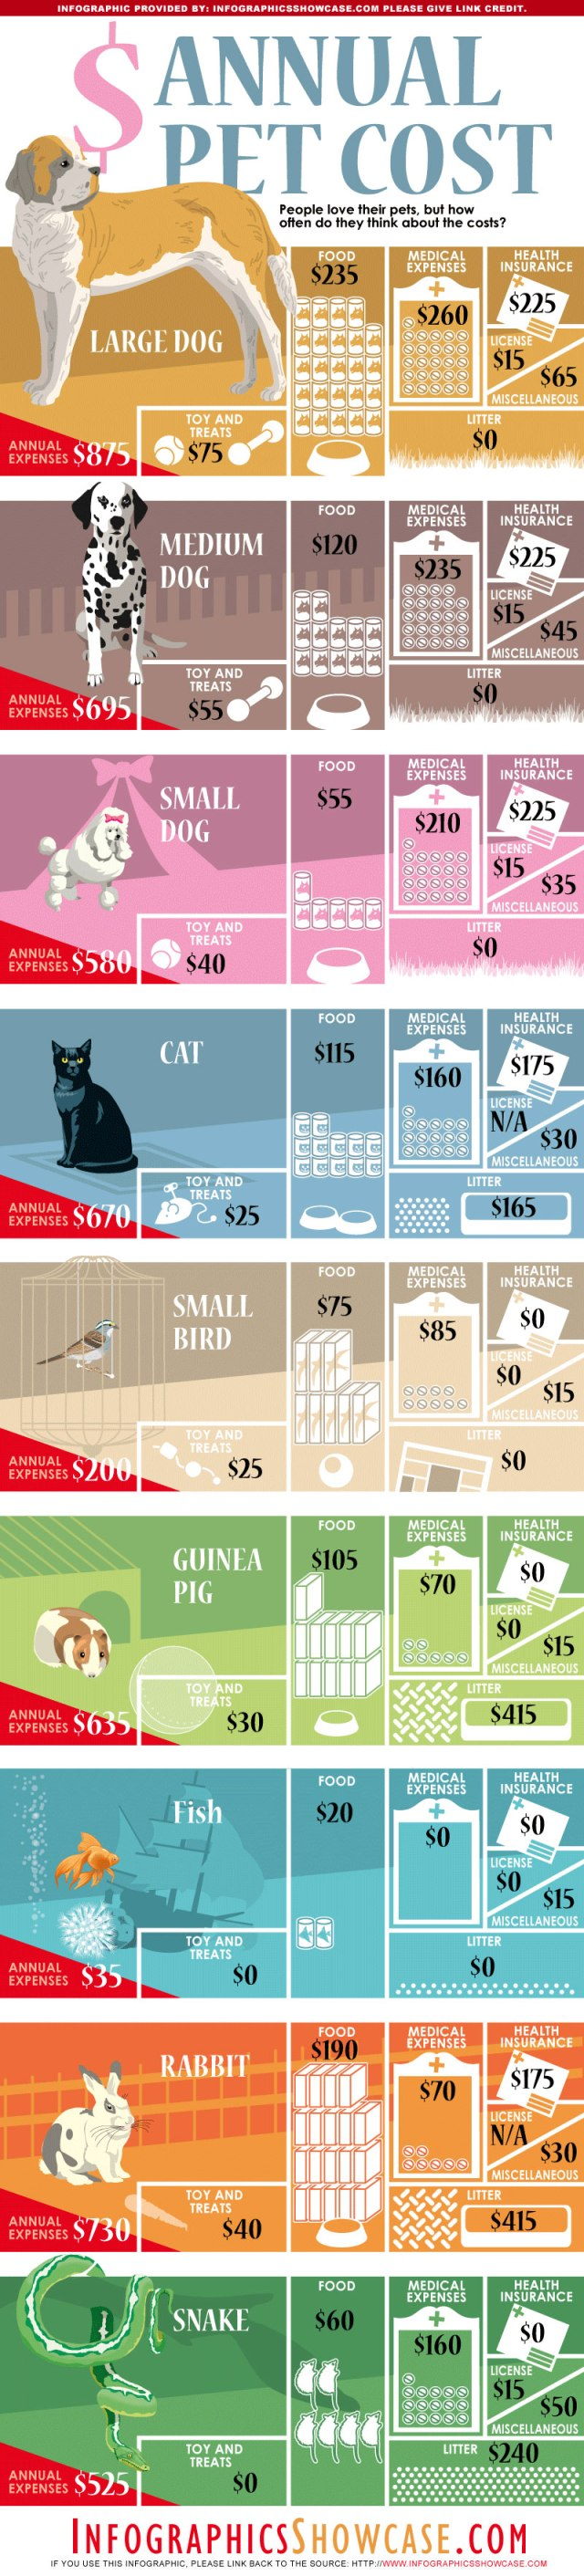 El coste anual de las mascotas